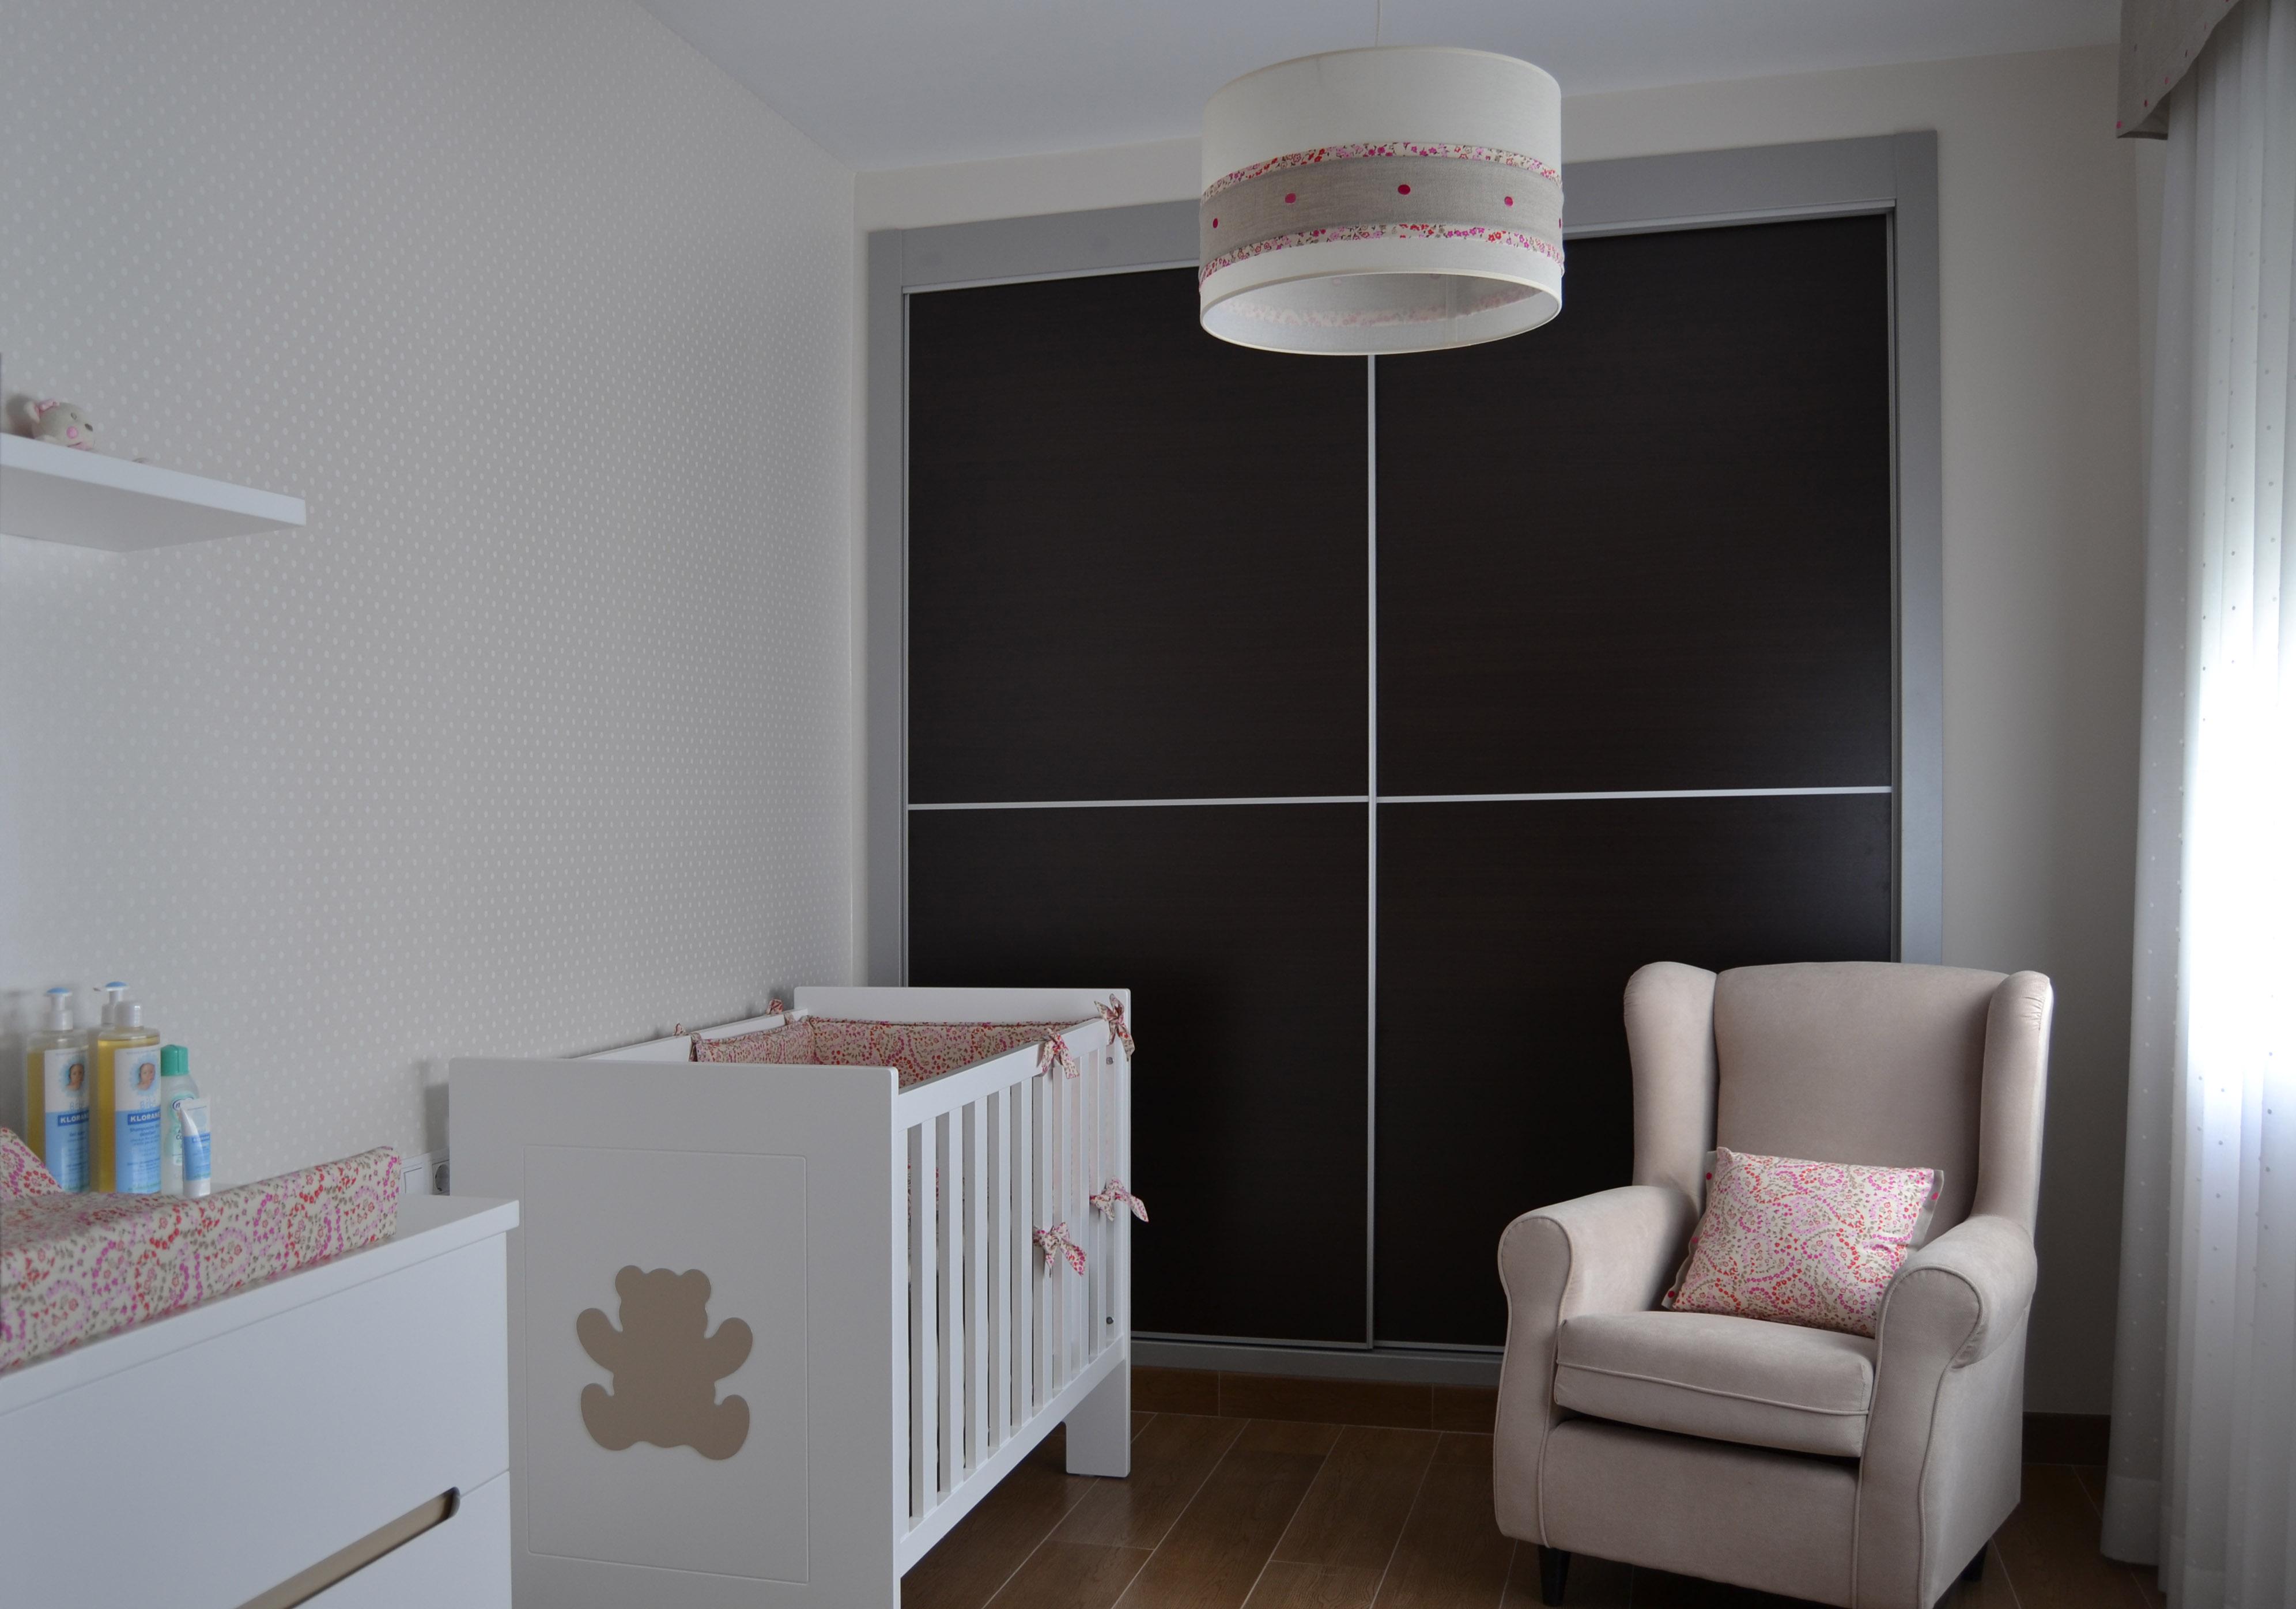 La preciosa habitaci n de valeria villalba interiorismo - Sillones habitacion bebe ...